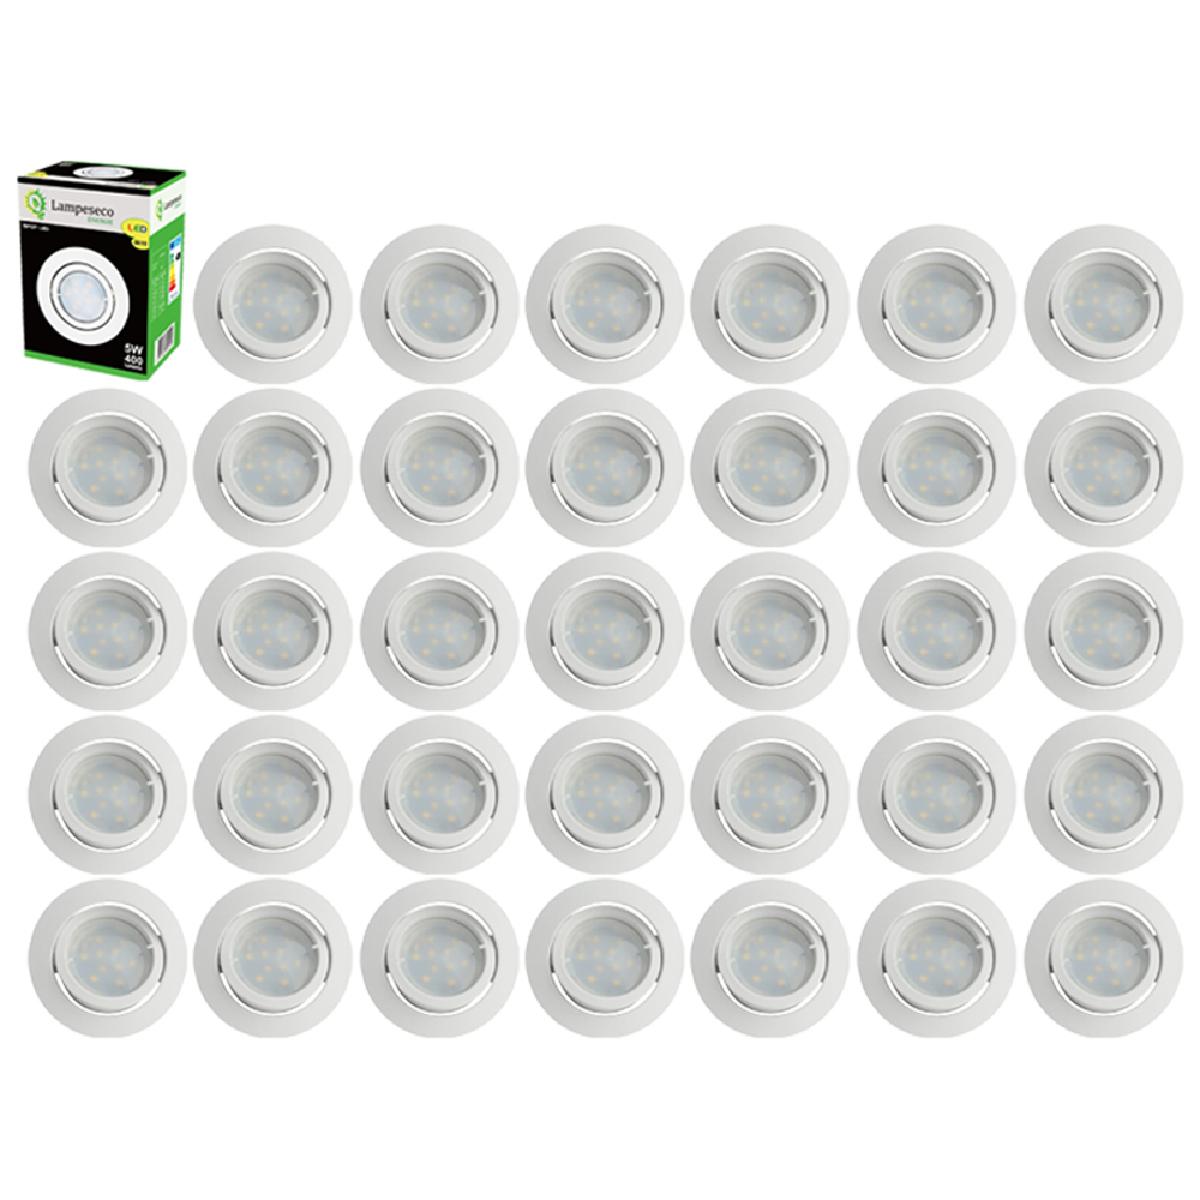 Eurobryte Lot de 35 Spot Led Encastrable Complete Blanc Orientable lumière Blanc Chaud eq. 50W ref.193